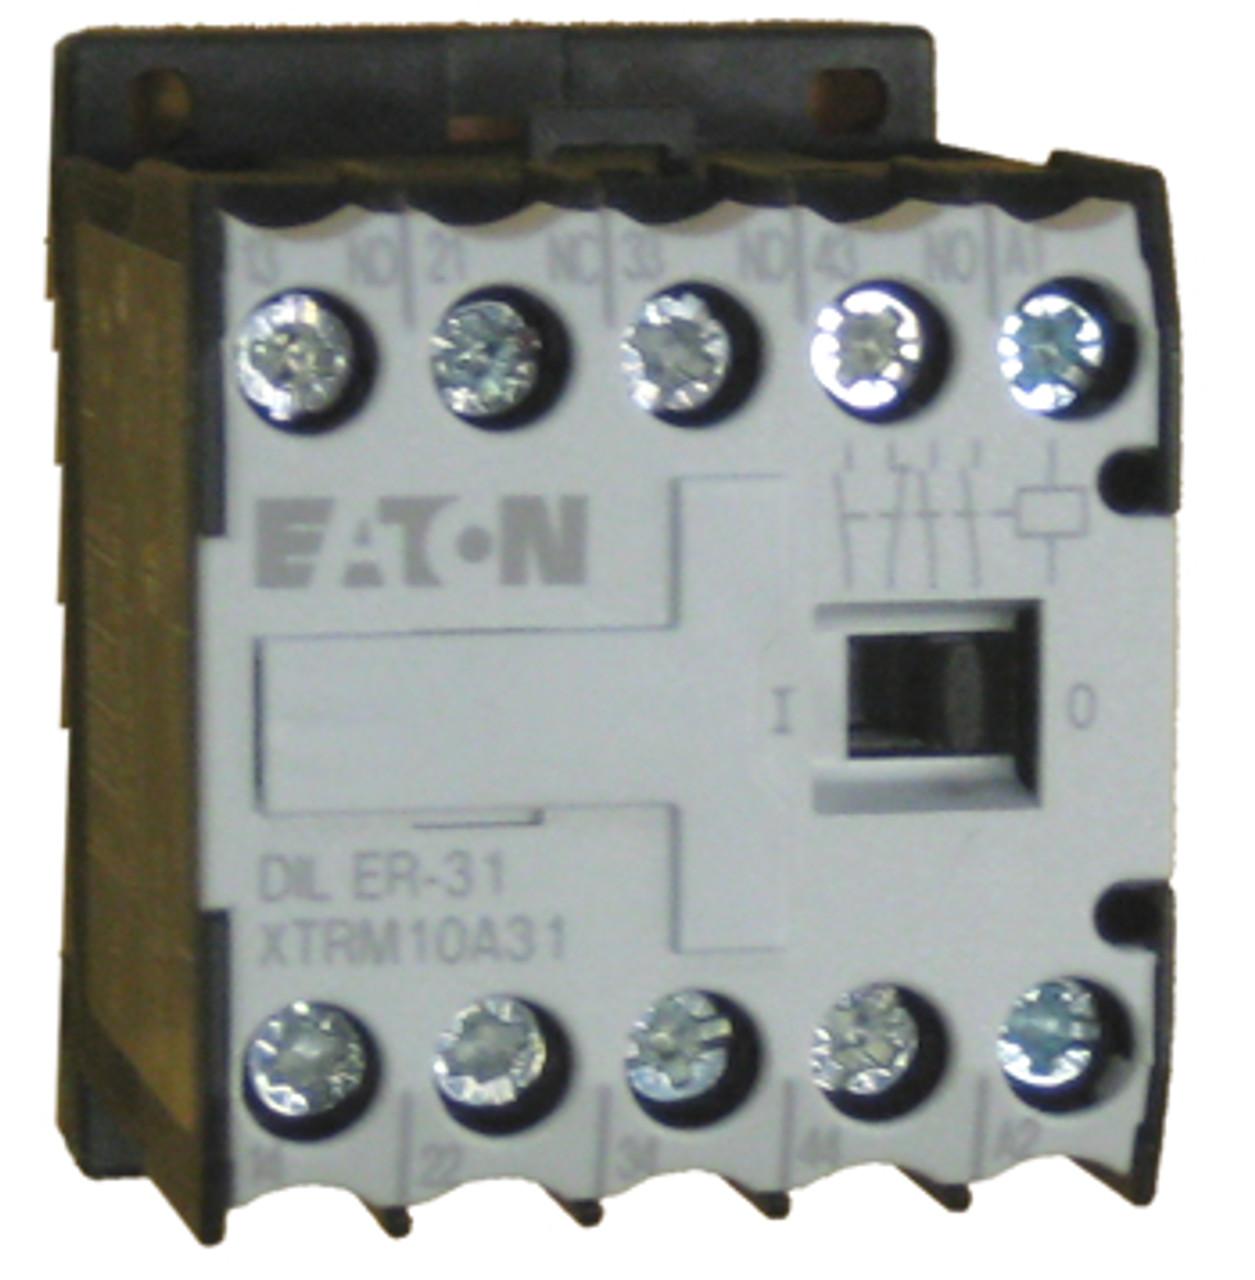 XTRM10A31